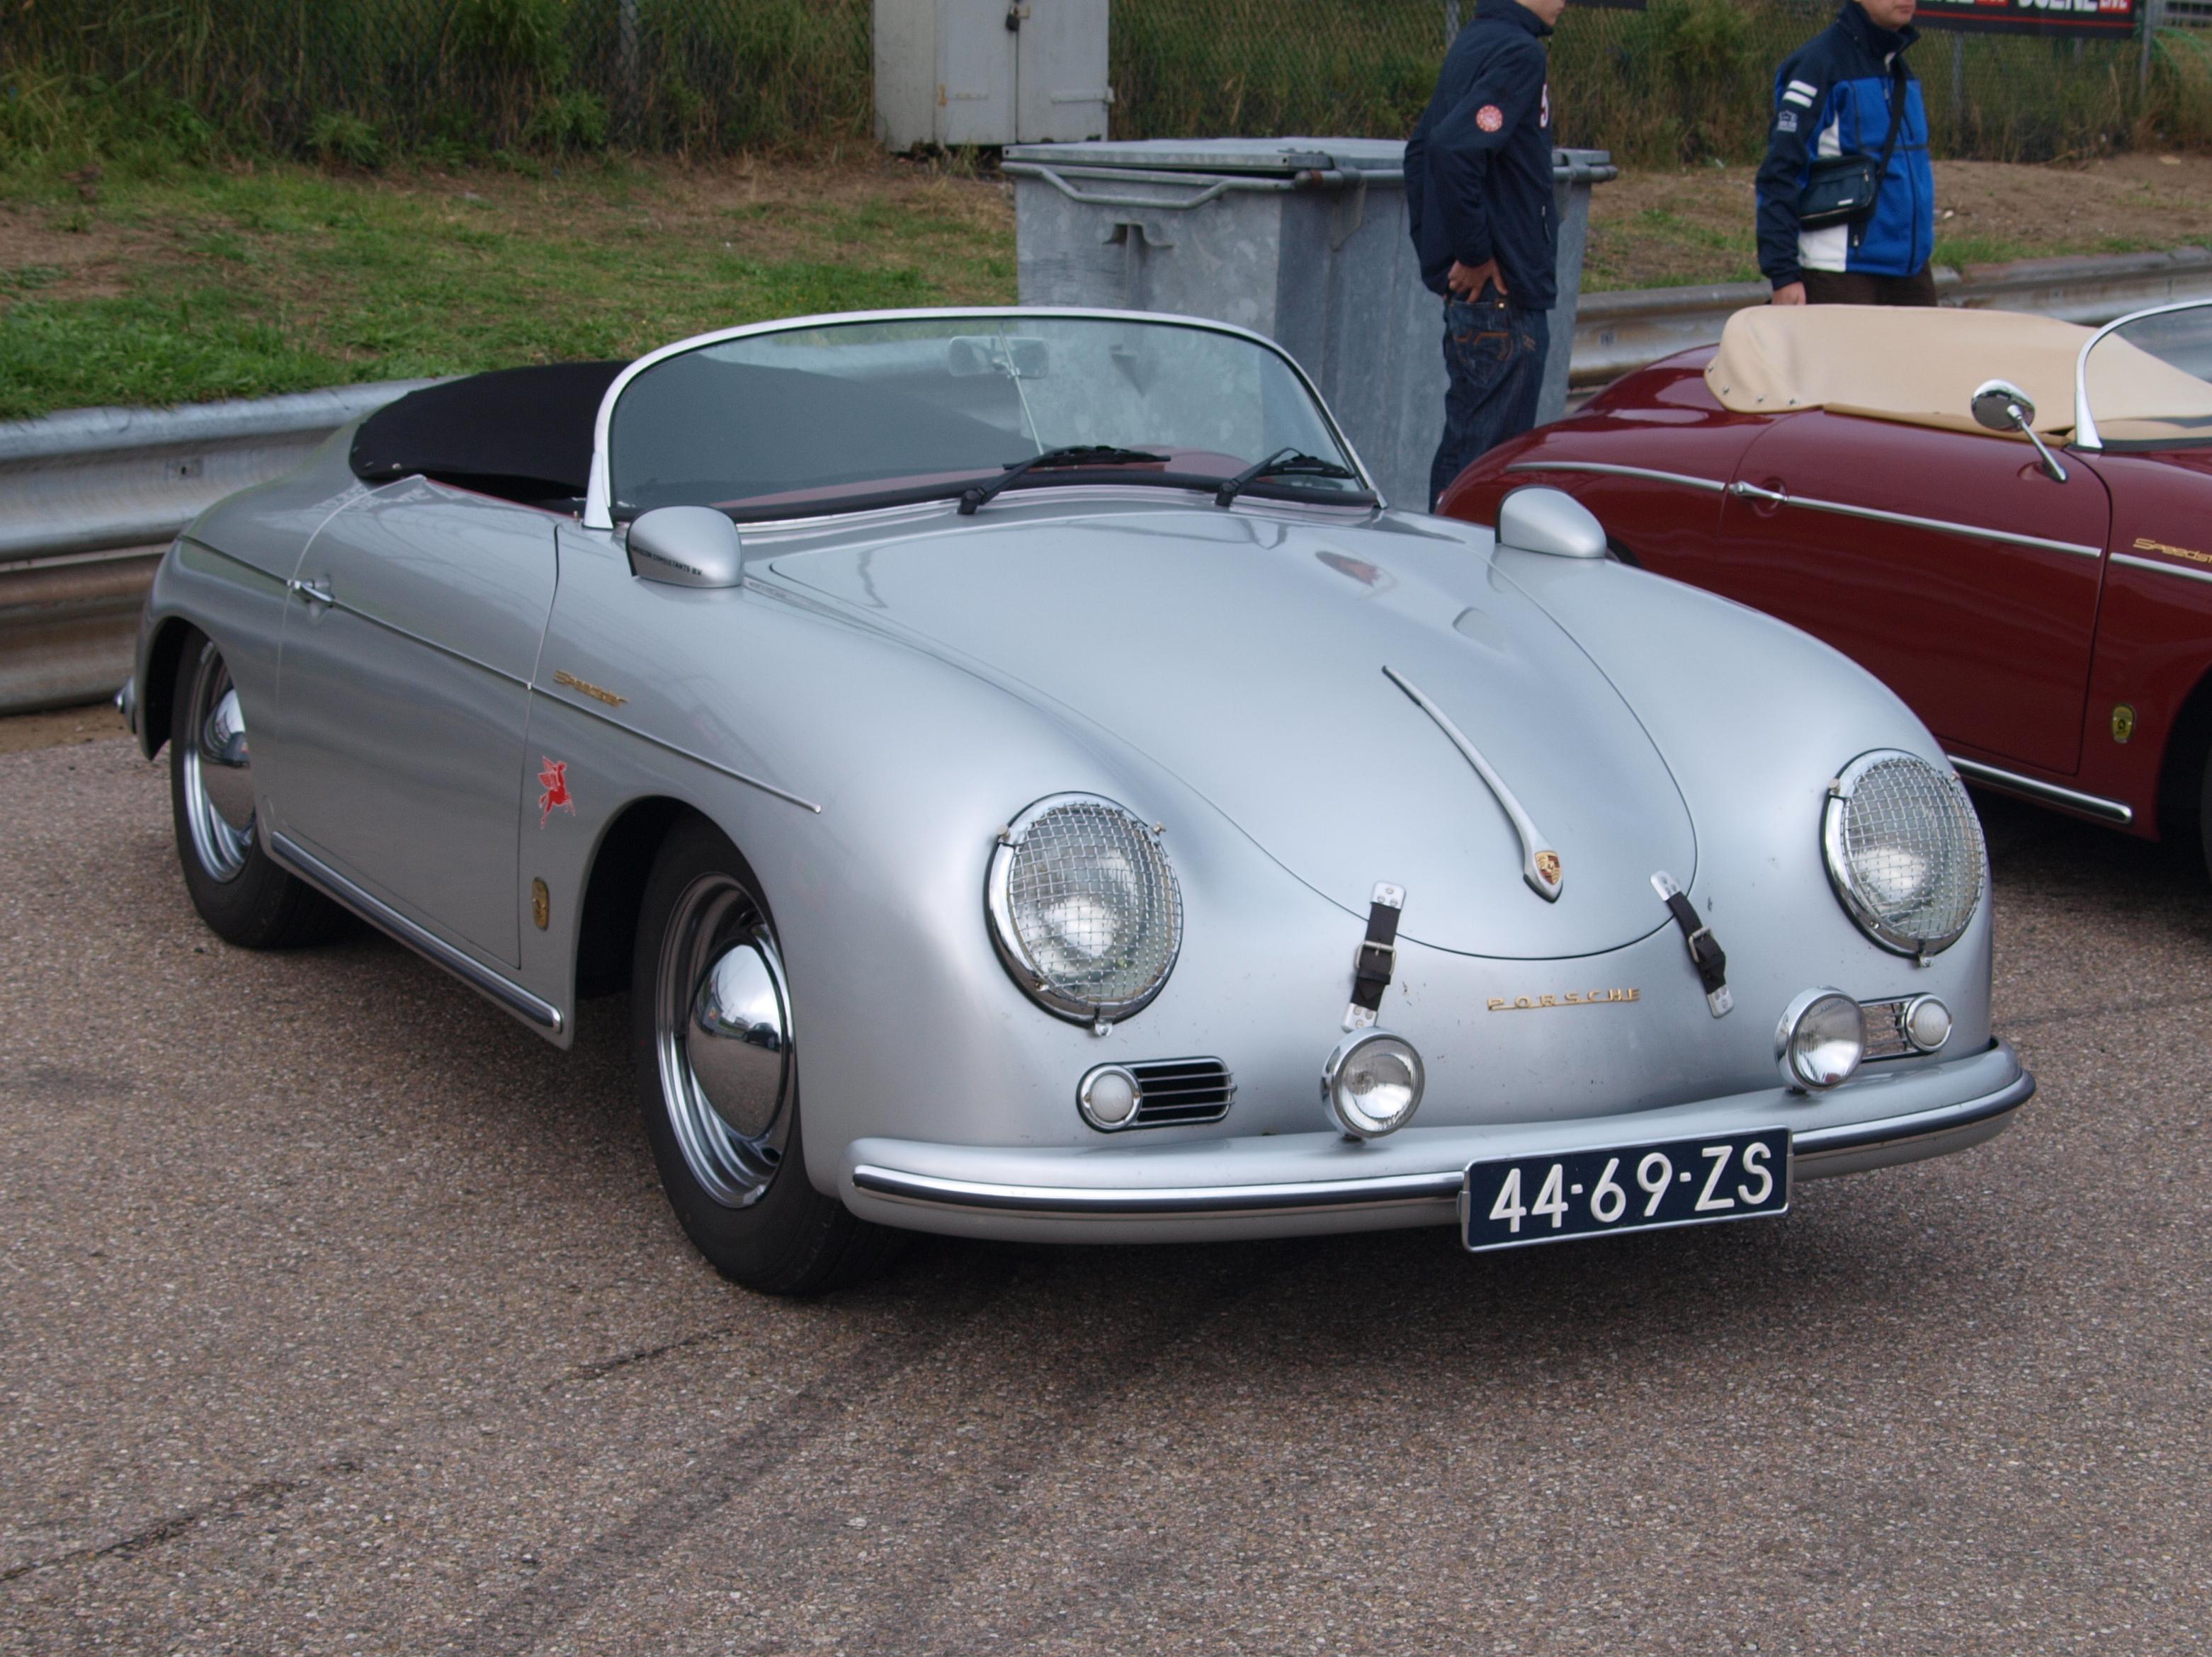 File Nationale Oldtimerdag Zandvoort 2010 1967 Porsche 356 A Speedster 44 69 Zs Pic2 Jpg